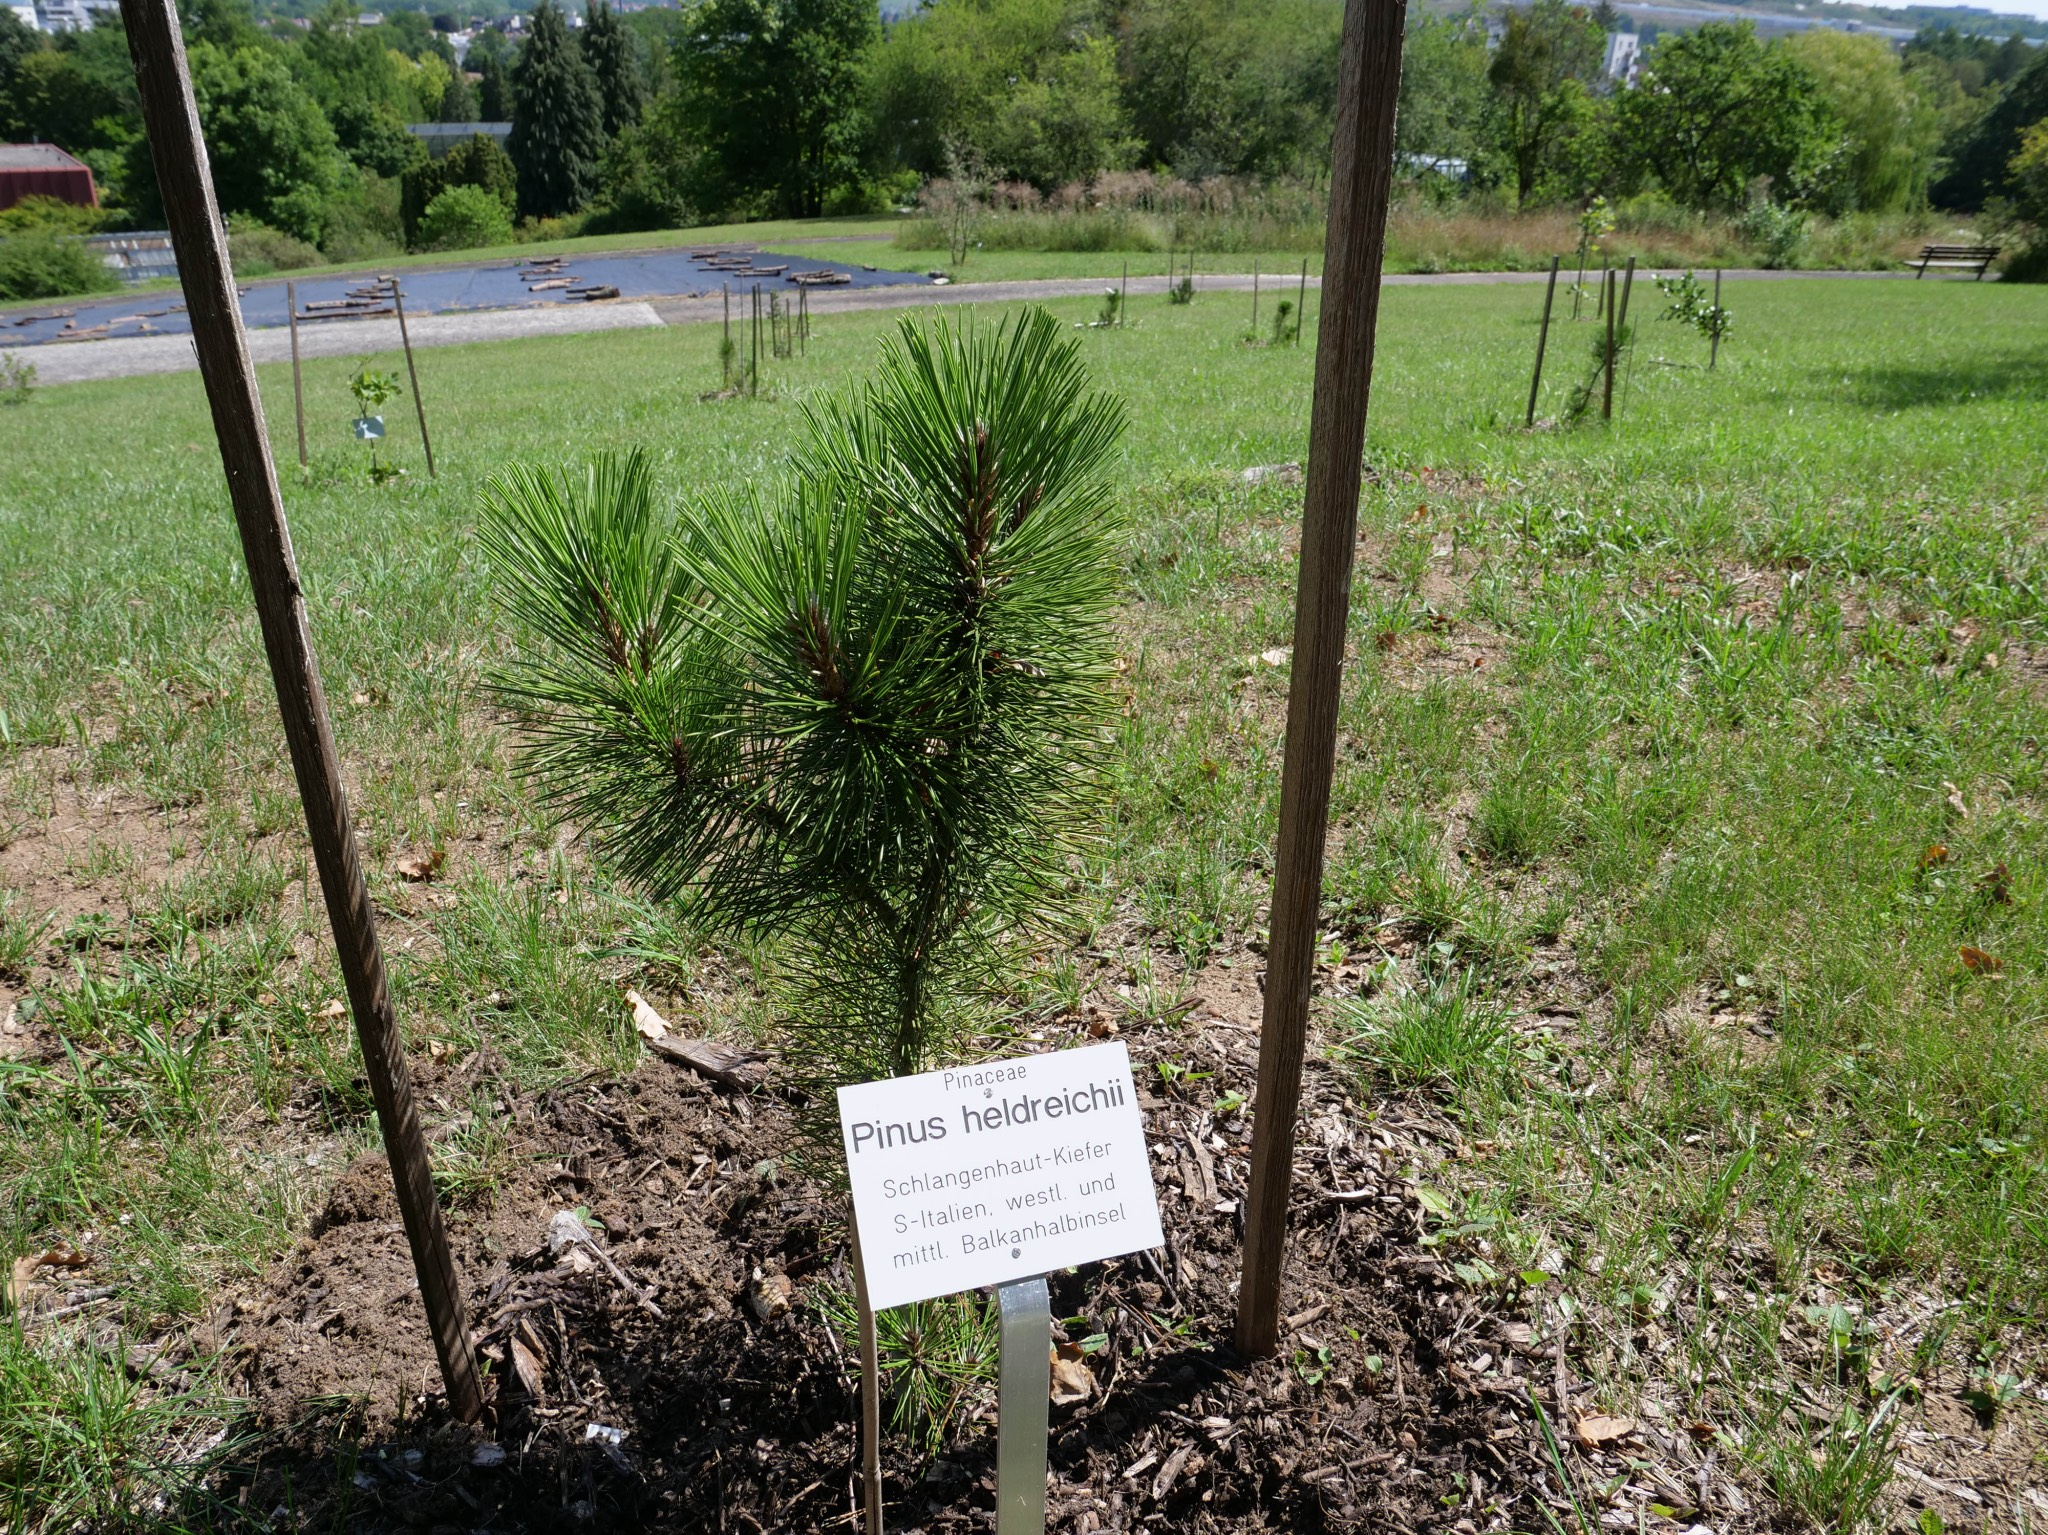 Auf einer neuen Versuchsfläche haben die Gärtner jetzt Bäume aus südlichen Gefilden gepflanzt. Foto: Gunnar Bartsch